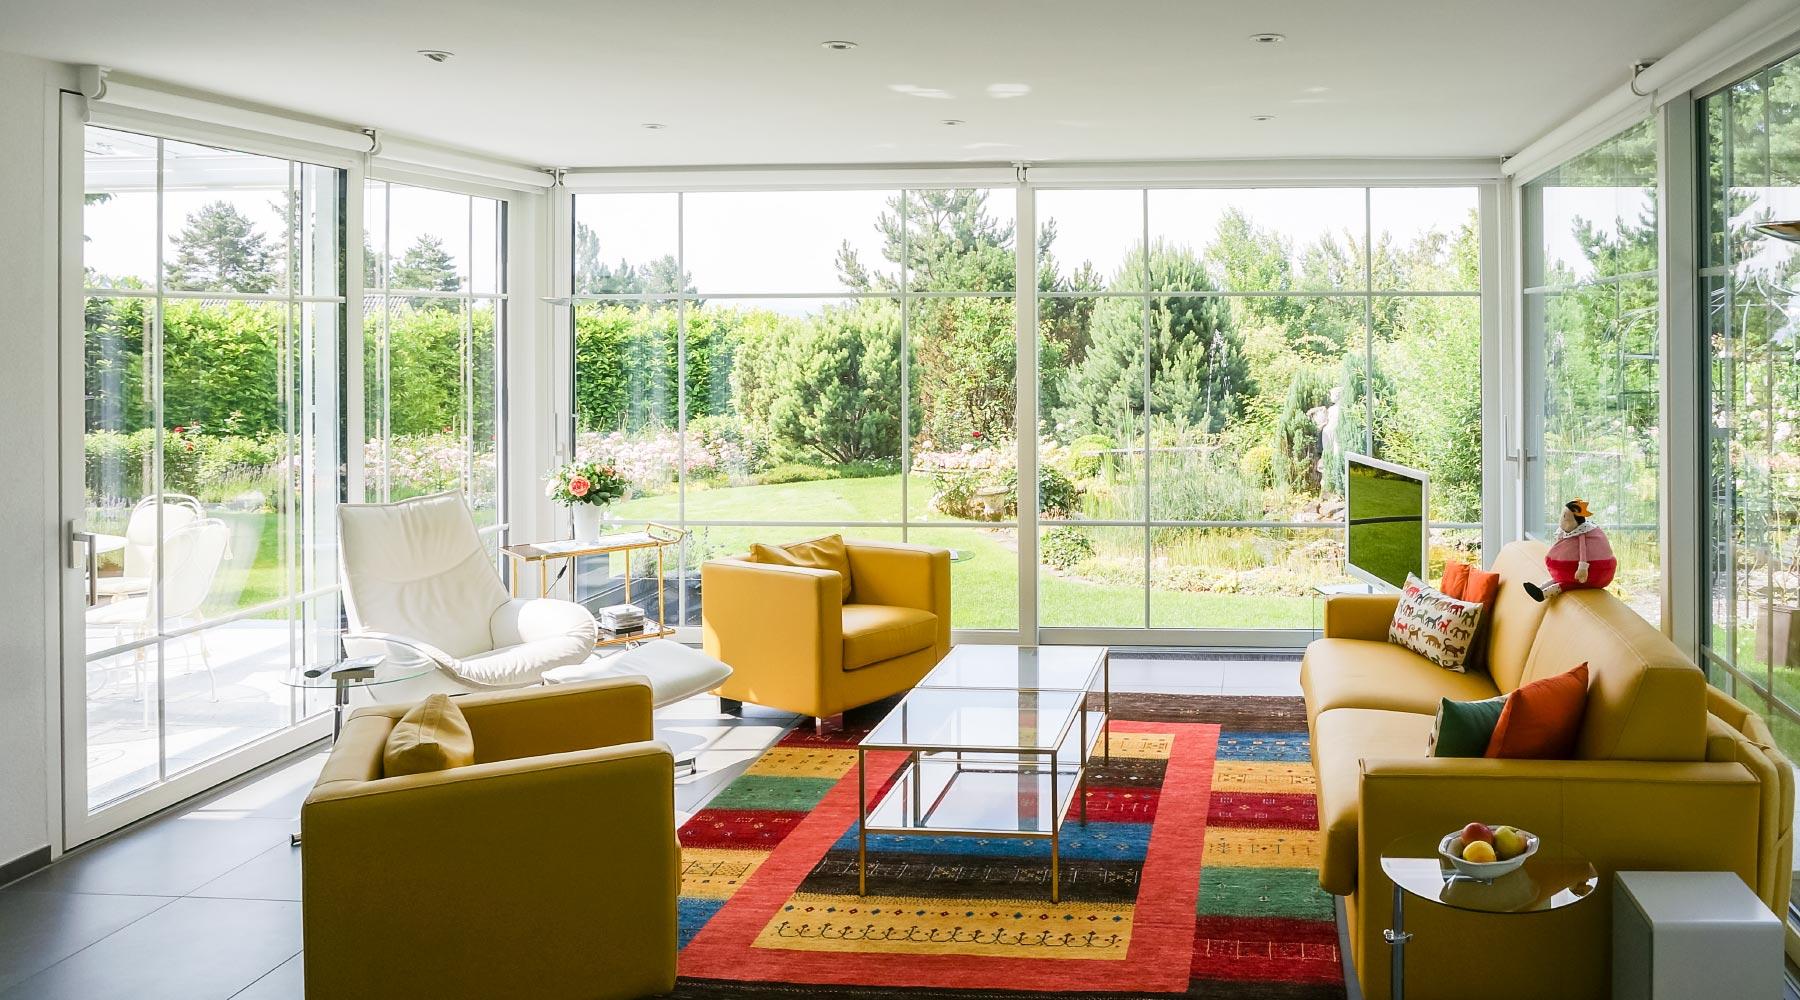 anbau haus glas stadt willich hinzen haus soll einen. Black Bedroom Furniture Sets. Home Design Ideas